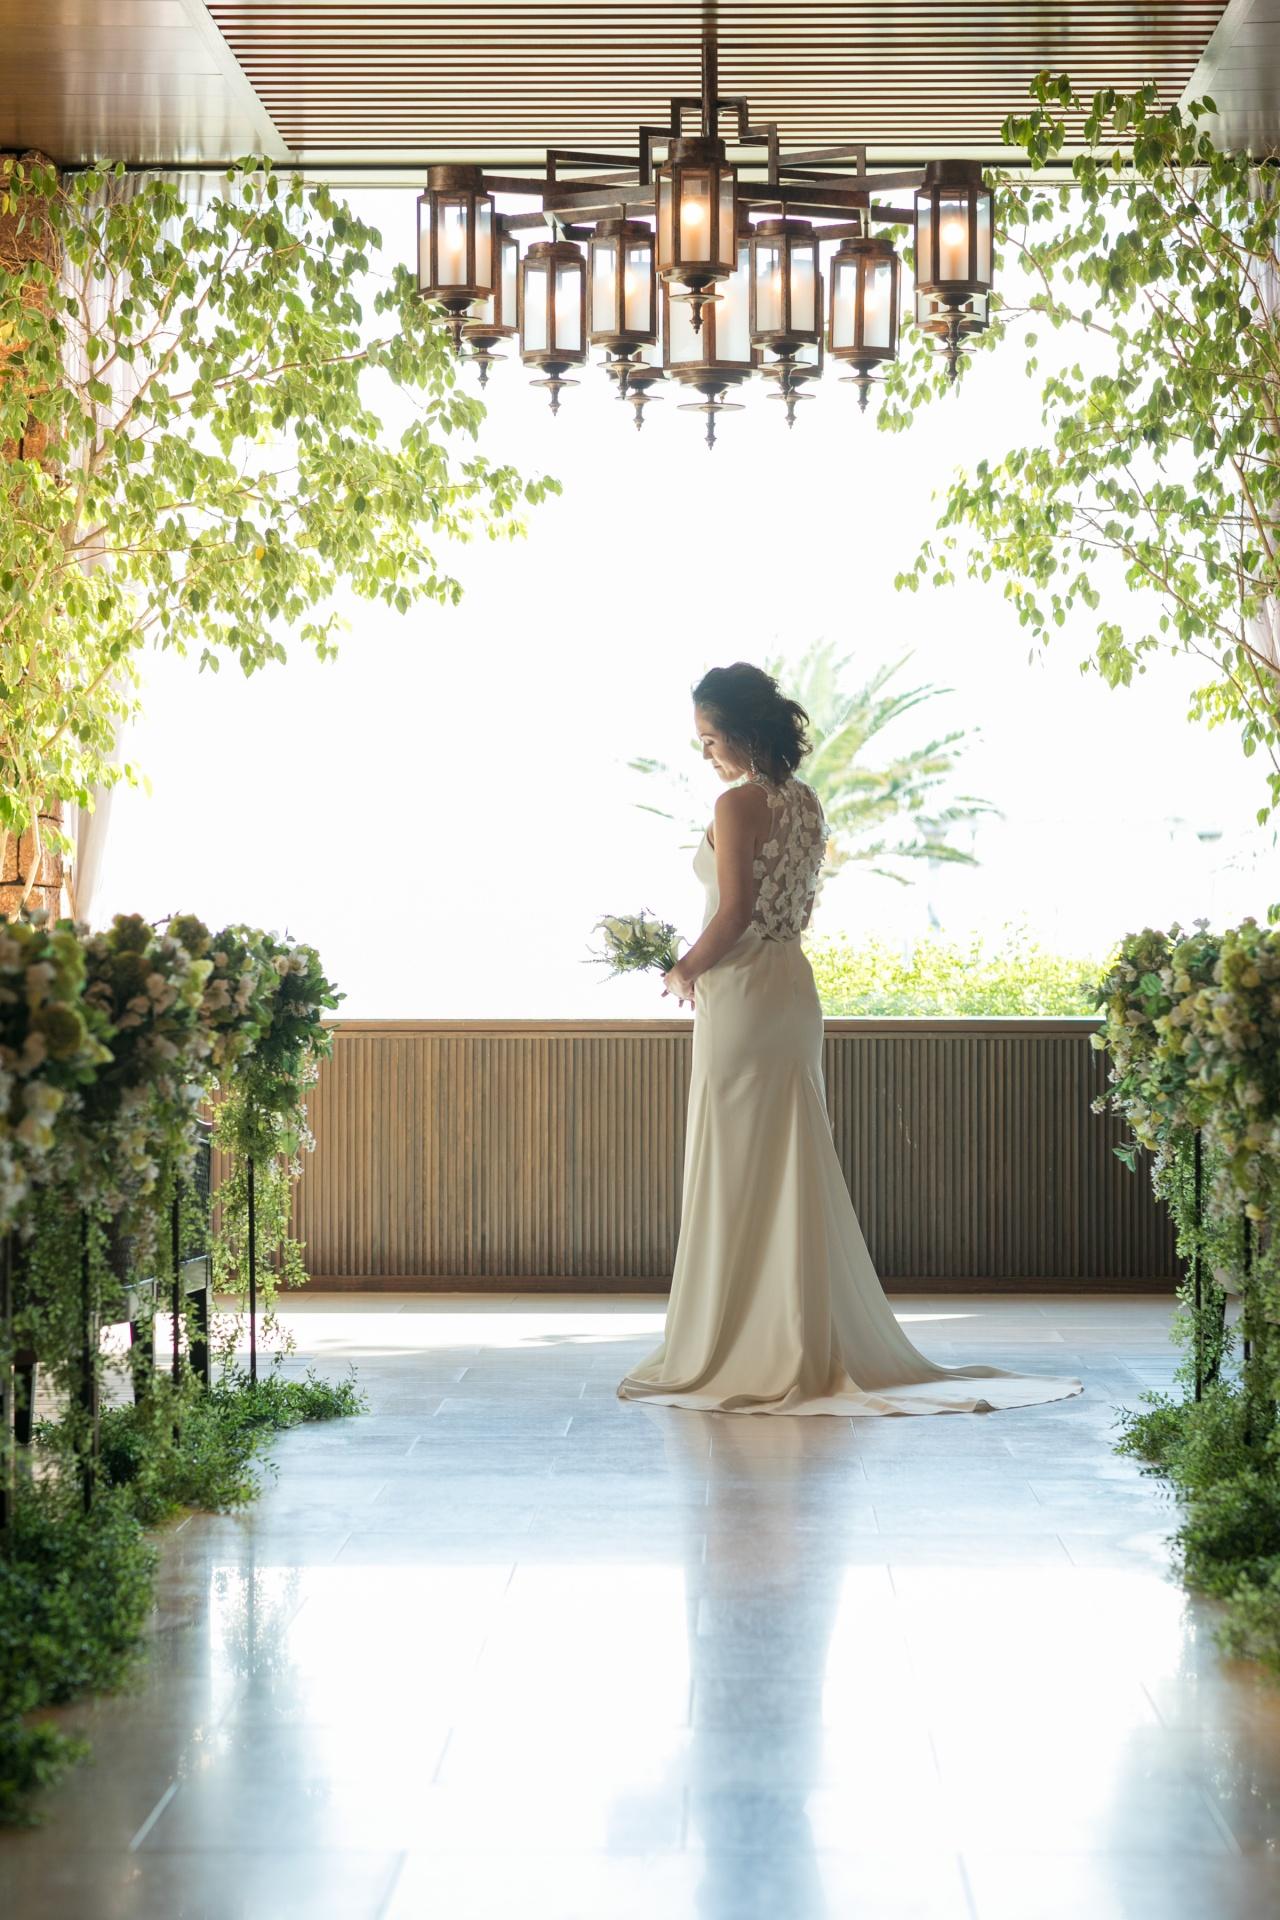 柔らかくとろみのあるバックトレーンが美しいウェディングドレスは、ザ・ルイガンズのチャペルの神秘的で爽やかな雰囲気にぴったり